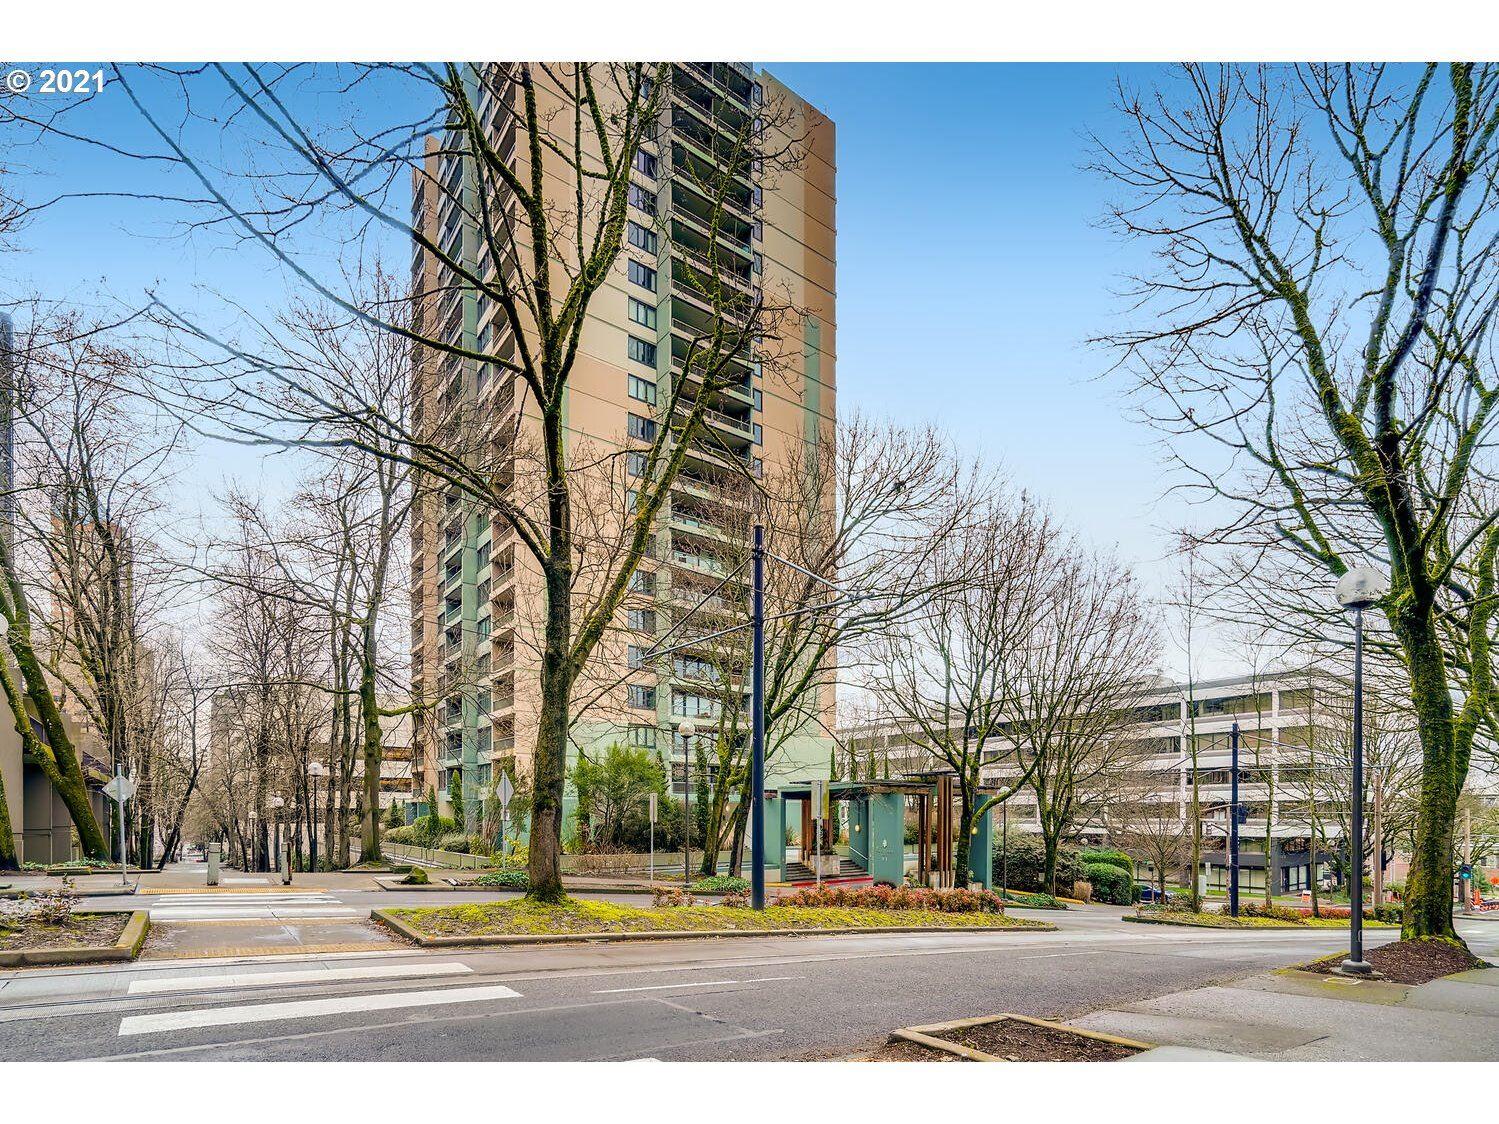 111 SW HARRISON ST #23b, Portland, OR 97201 - MLS#: 21685730